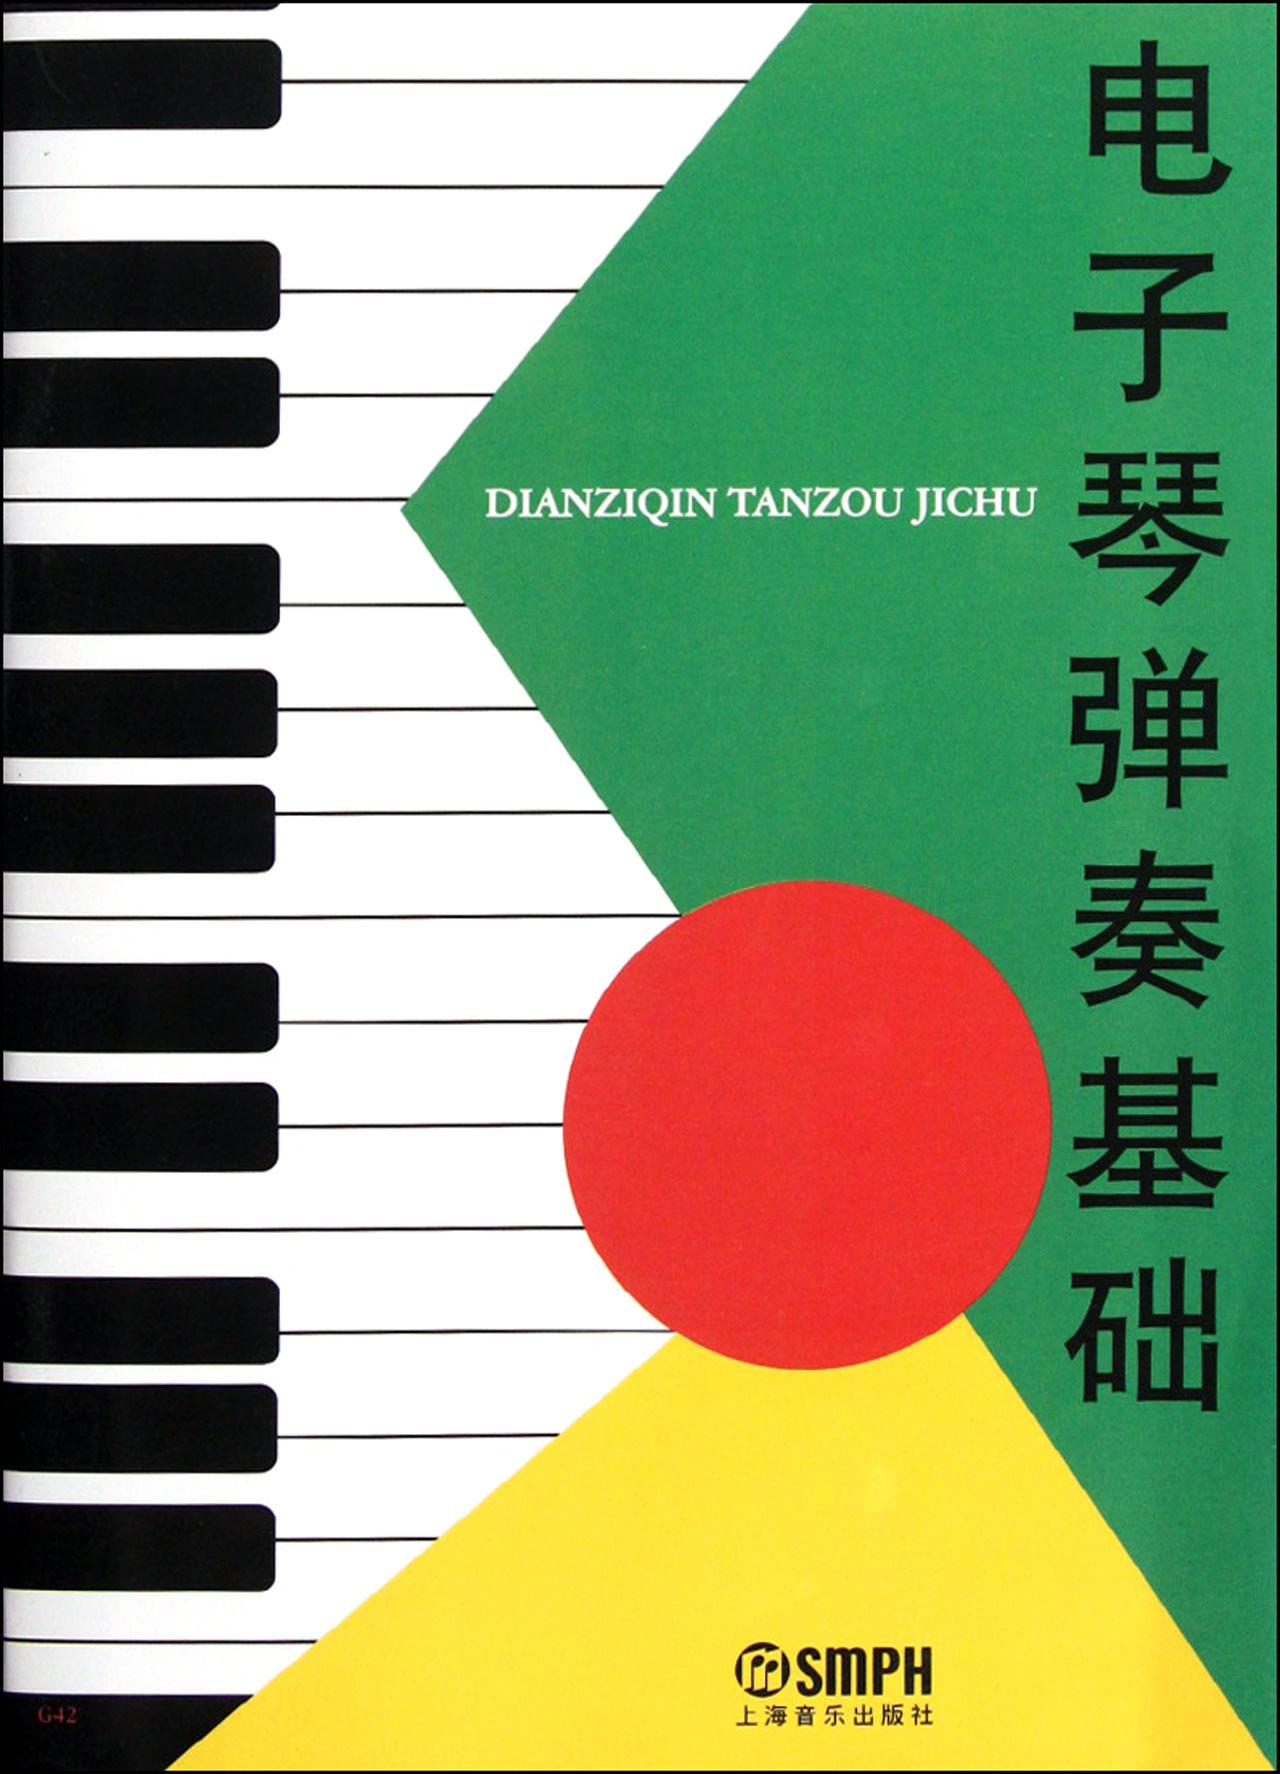 电子琴的常用指法 四  电子琴的演奏姿势 五  电子琴的自动低音和弦